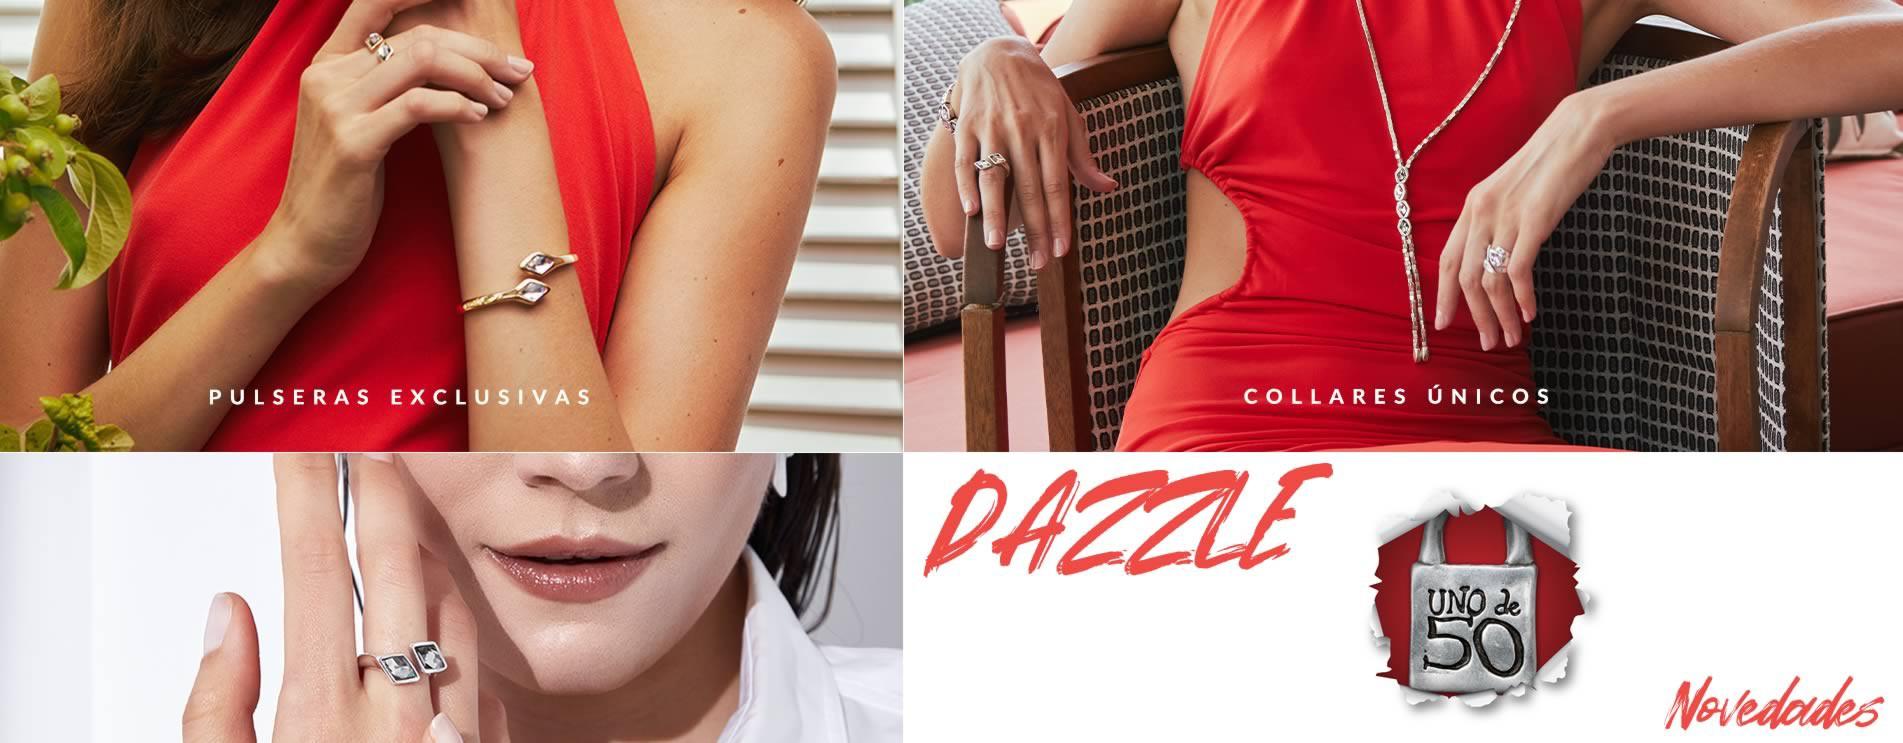 Dazzle Uno de 50